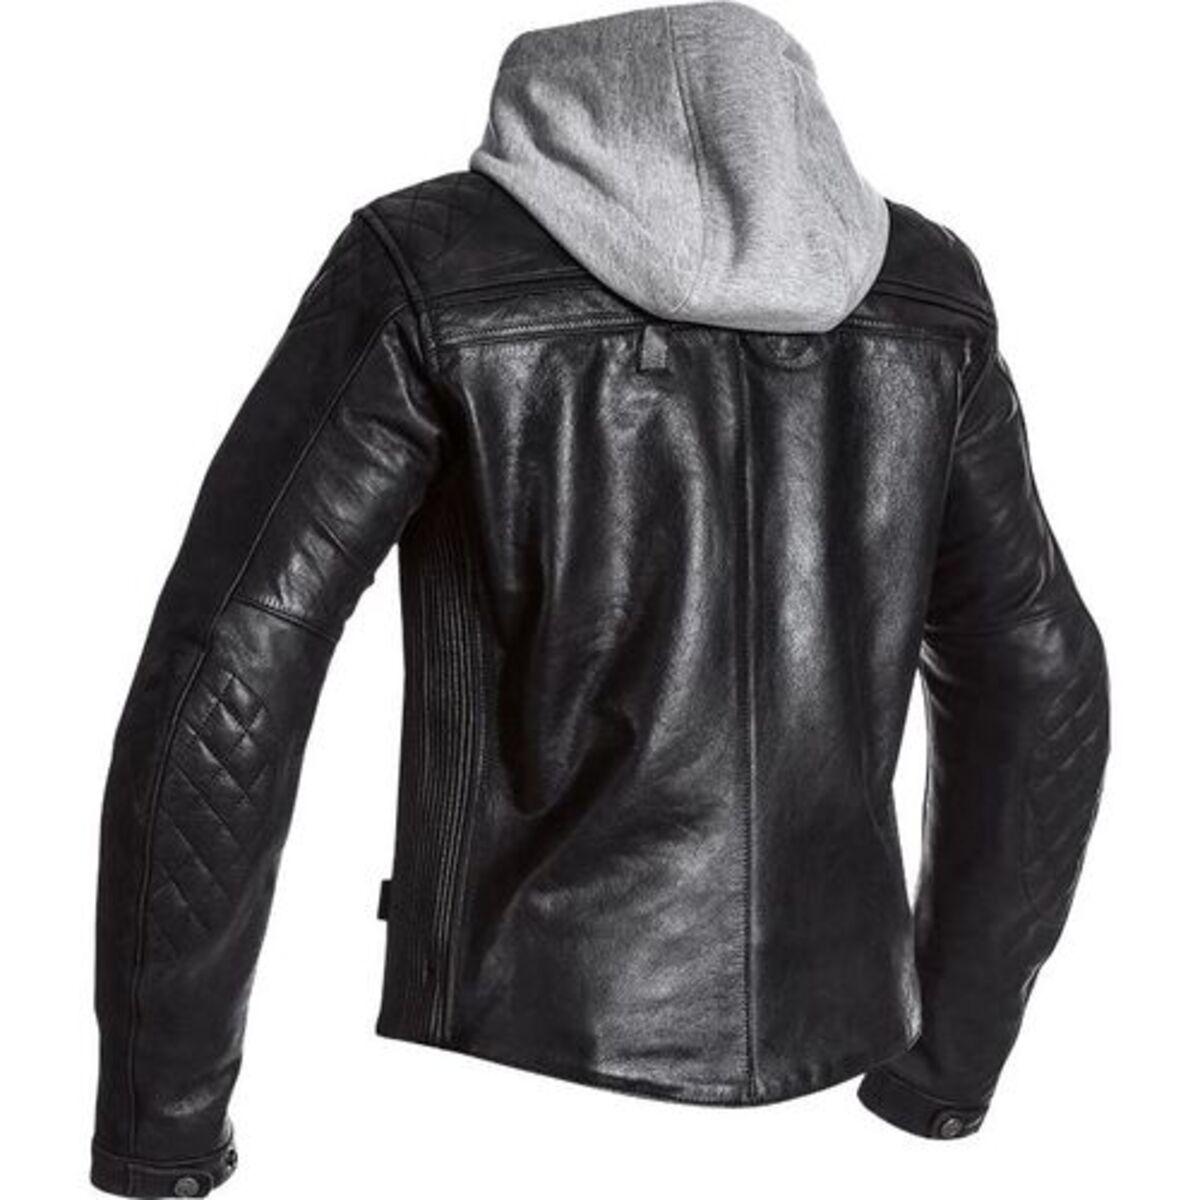 Bild 2 von Segura            Style Damen Lederjacke schwarz